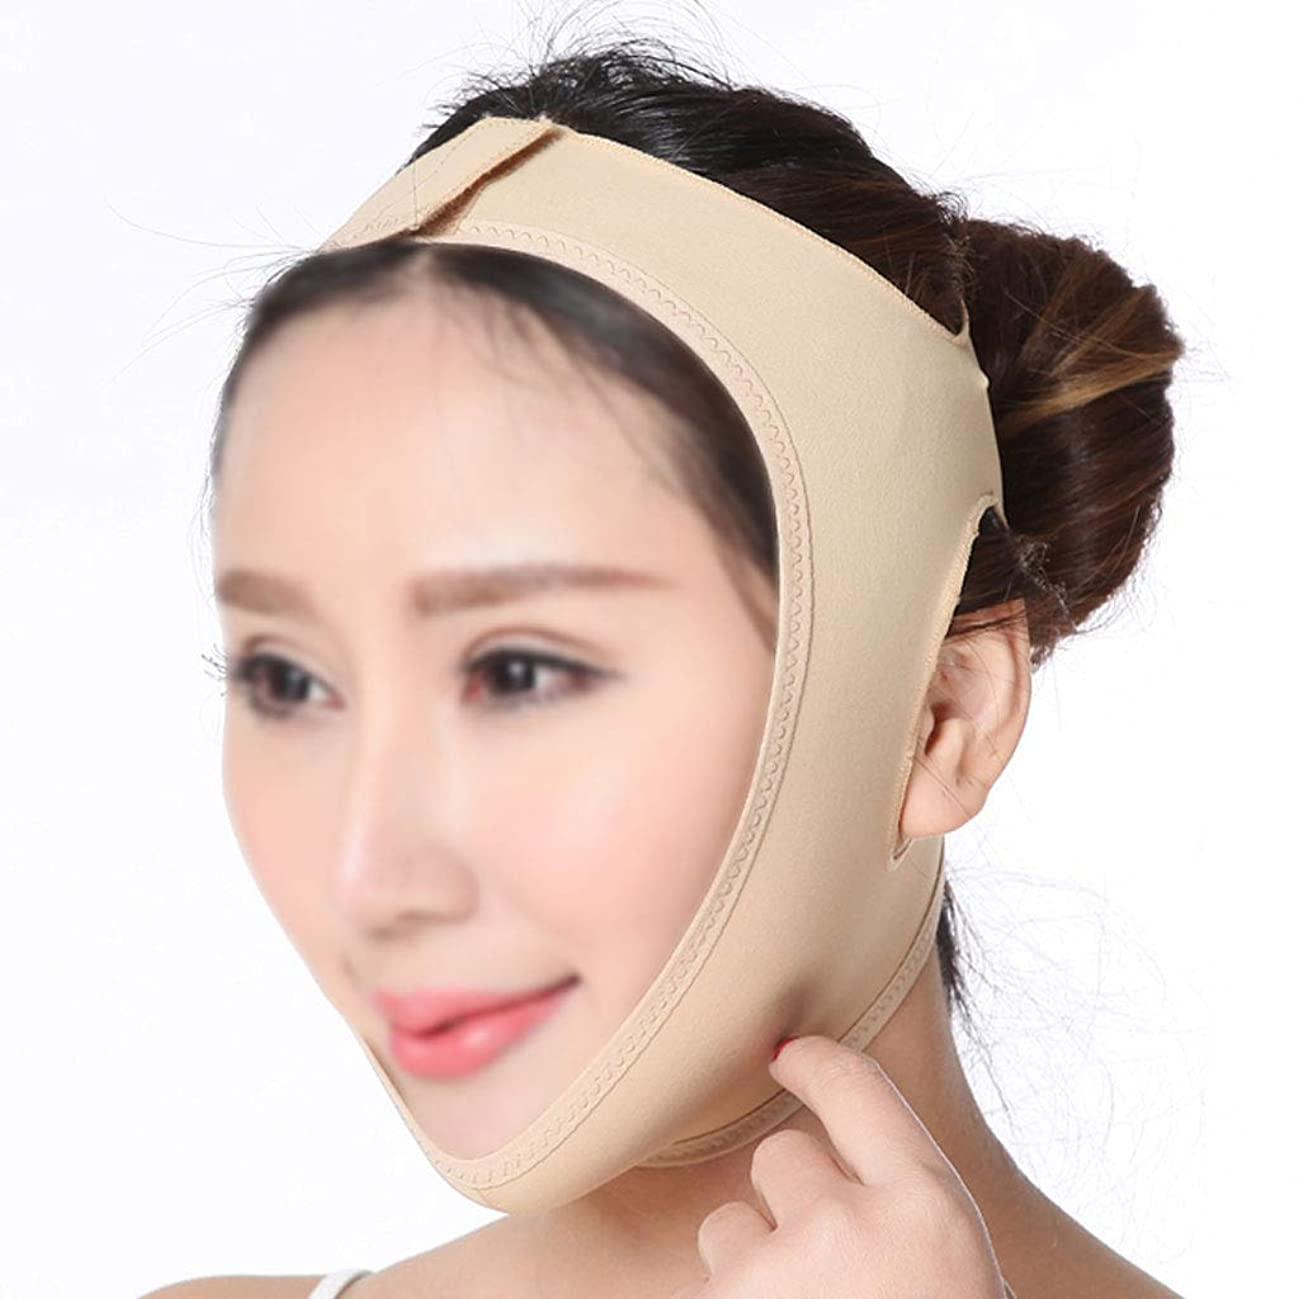 憂鬱ジェムわかりやすいGLJJQMY 薄い顔のアーティファクトVマスク薄い顔の包帯/顔の引き締め痩身包帯通気性二重あご減量マスク 顔用整形マスク (Size : L)